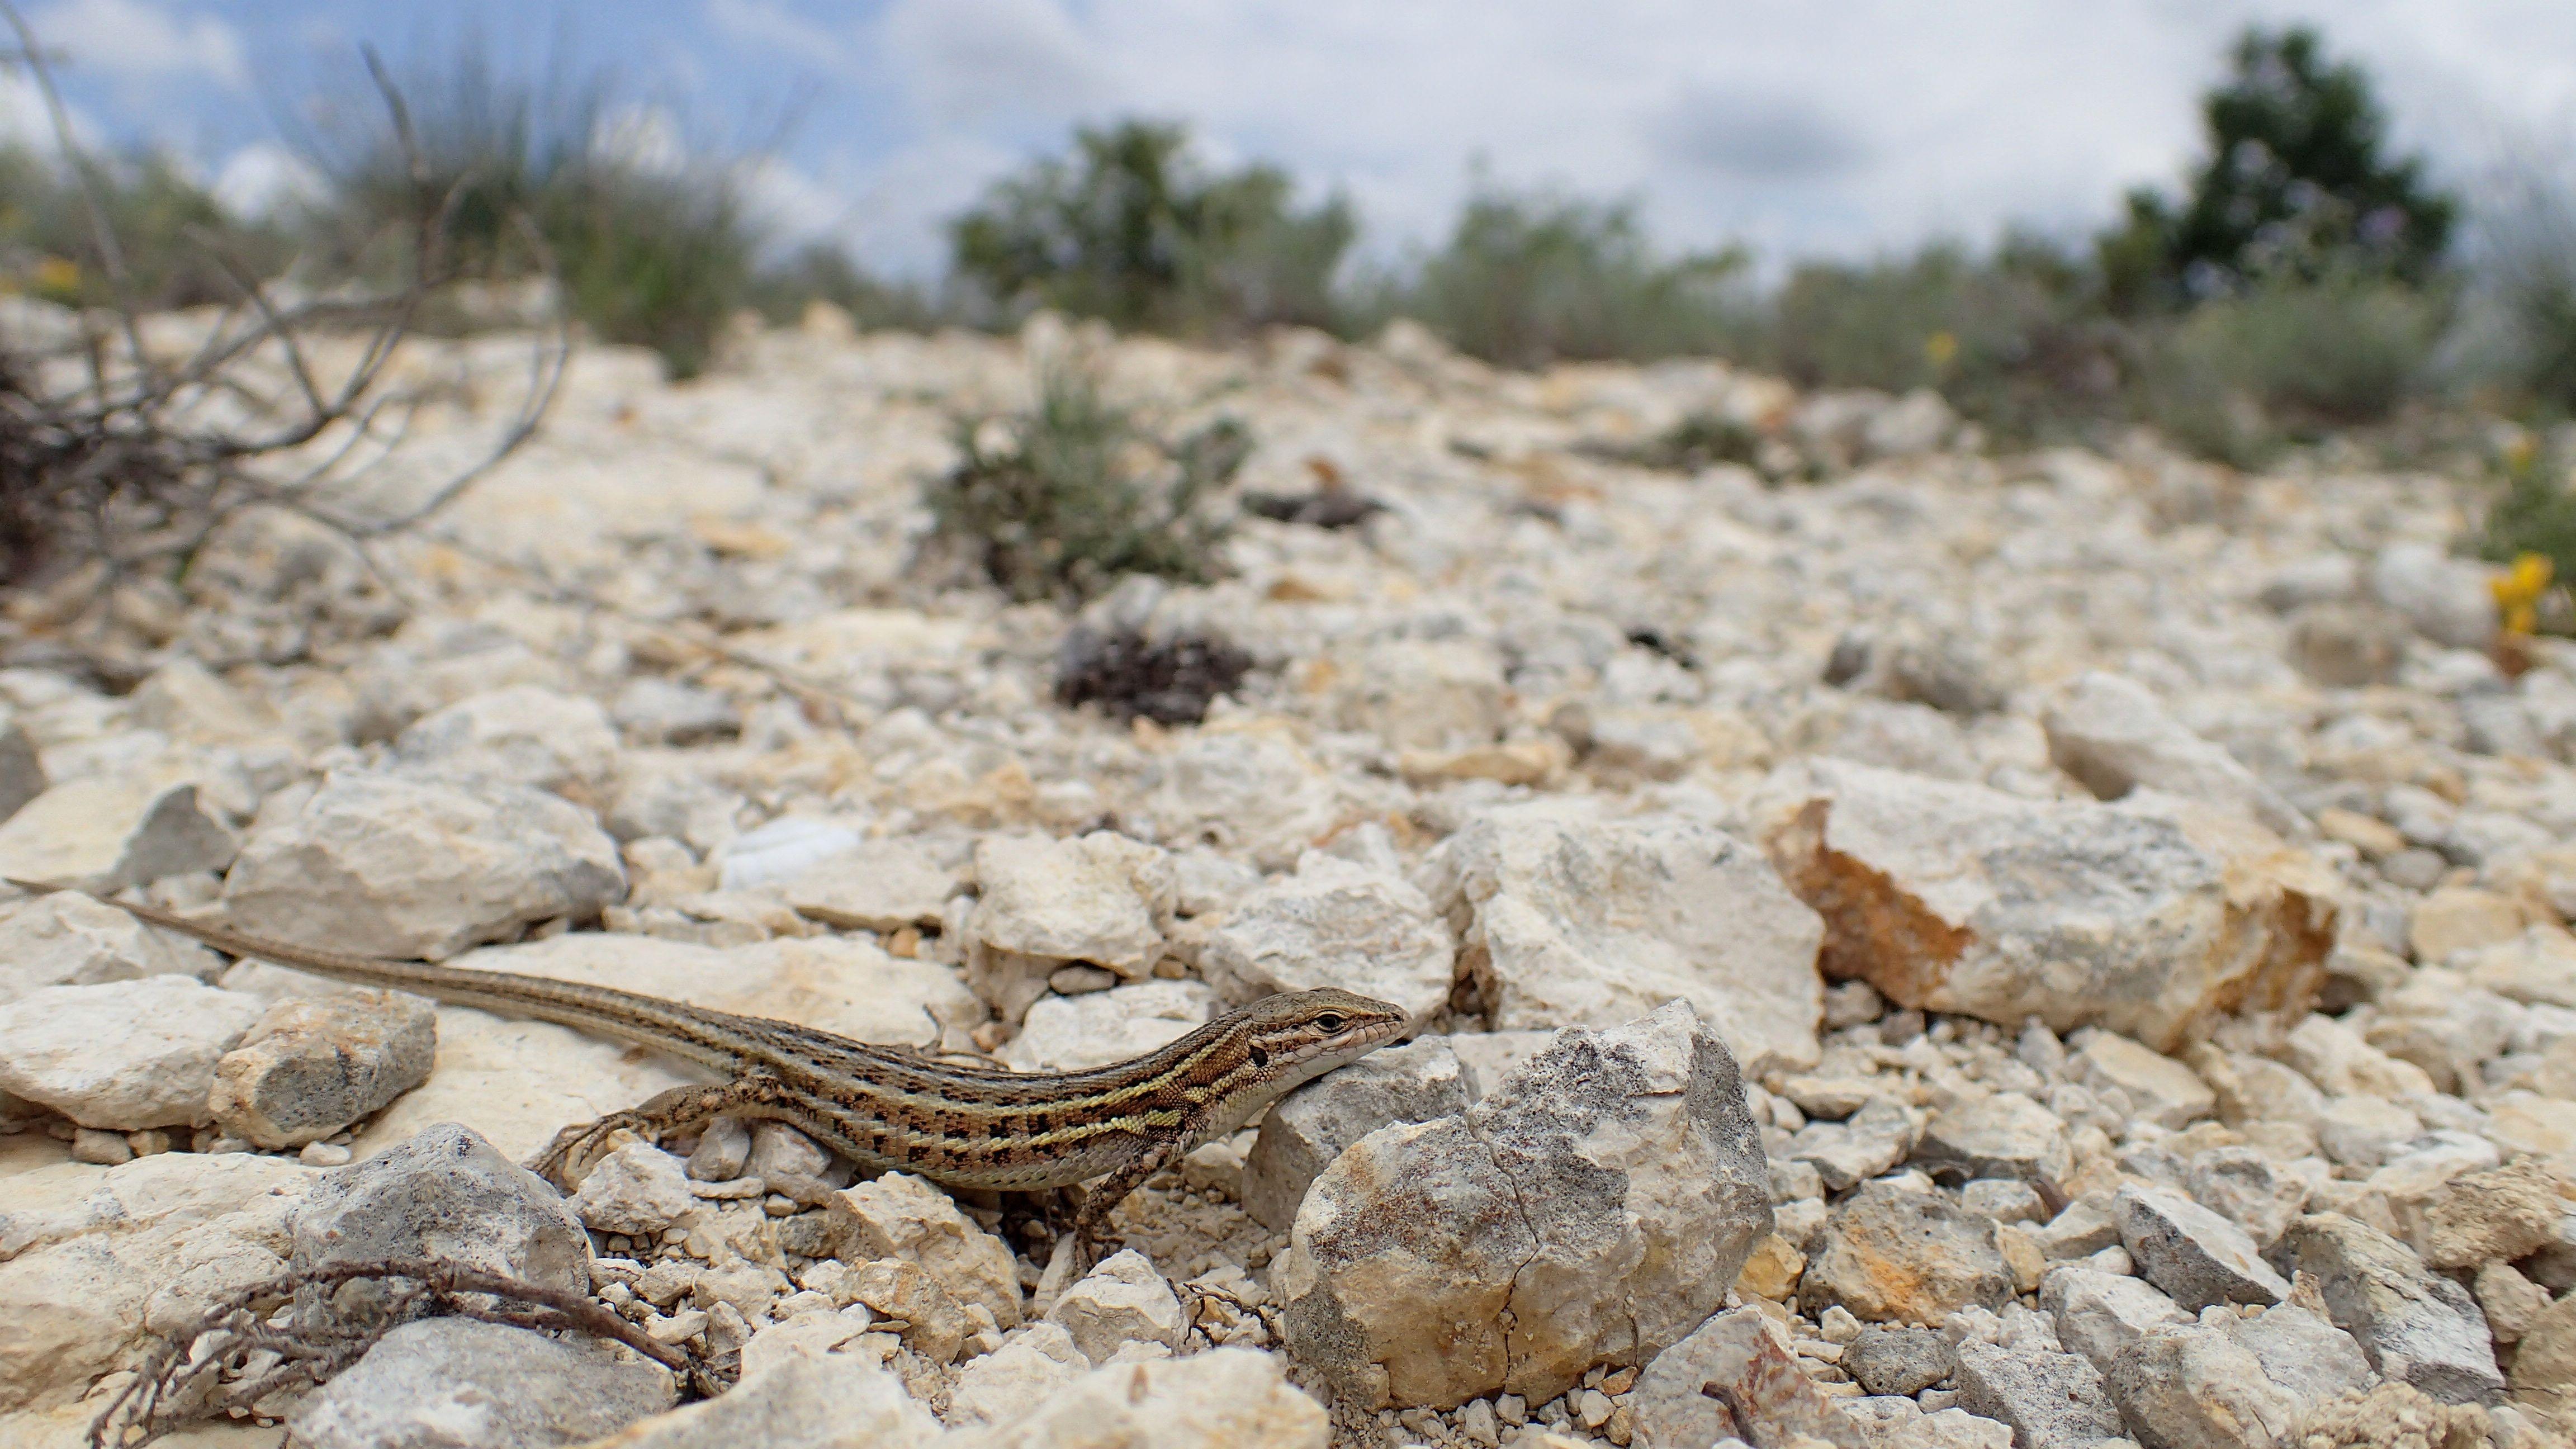 Psammodrome d'Edwards femelle en déplacement au sein de son habitat, Forcalquier (Astardant), 2018.